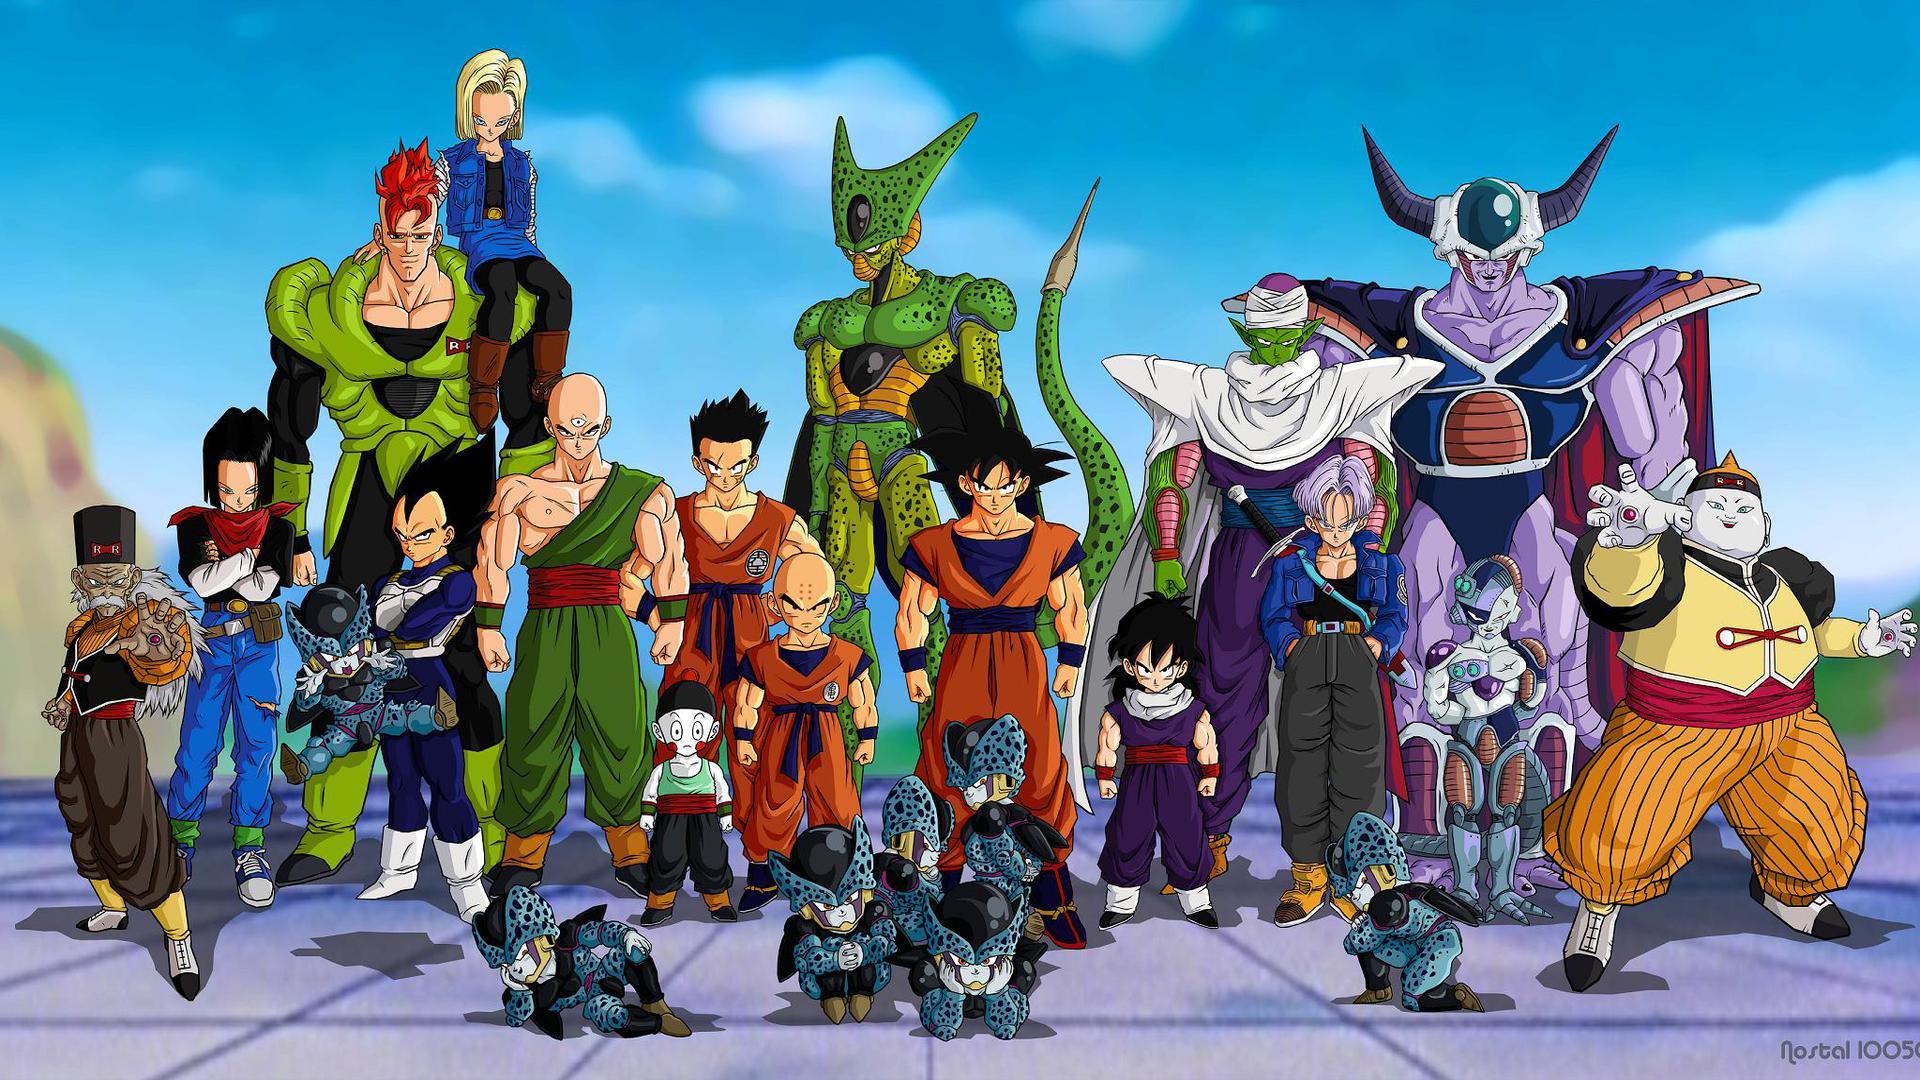 Fondos De Dragon Ball Z Wallpapers E Imágenes De Dragon